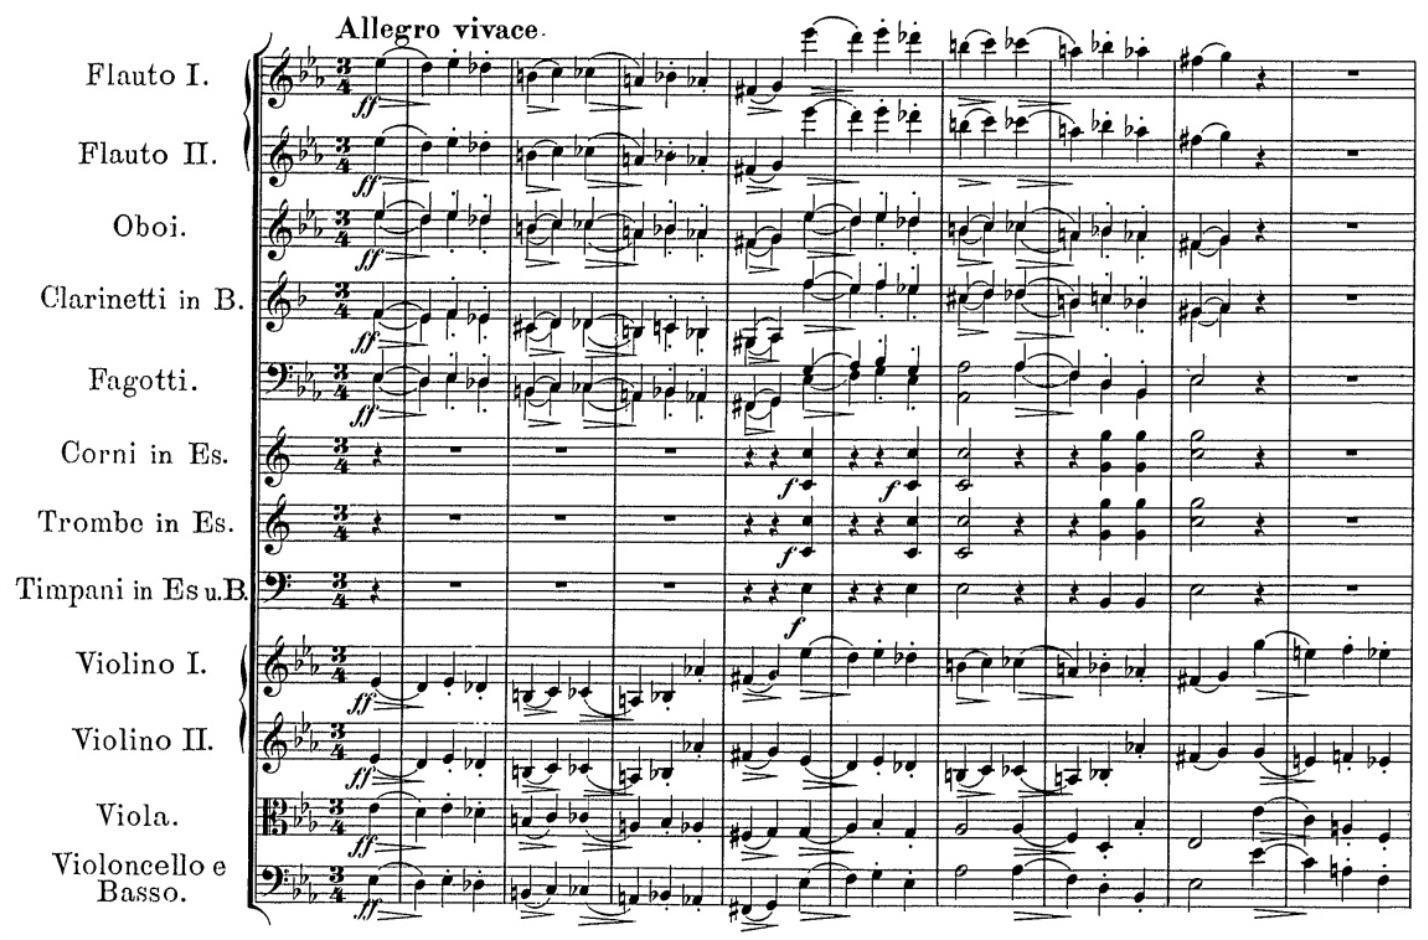 beethoven violion concerto mvt 3 analysis Ex 23: beethoven, violin sonata in g, op 96, iii, 1-8 ex 24: ex 619: beethoven, piano concerto no 1 in c, op 15, i, 1-16 ex 620: mozart quiz 83: beethoven, piano sonata in e-flat, op 27, no 1, i.